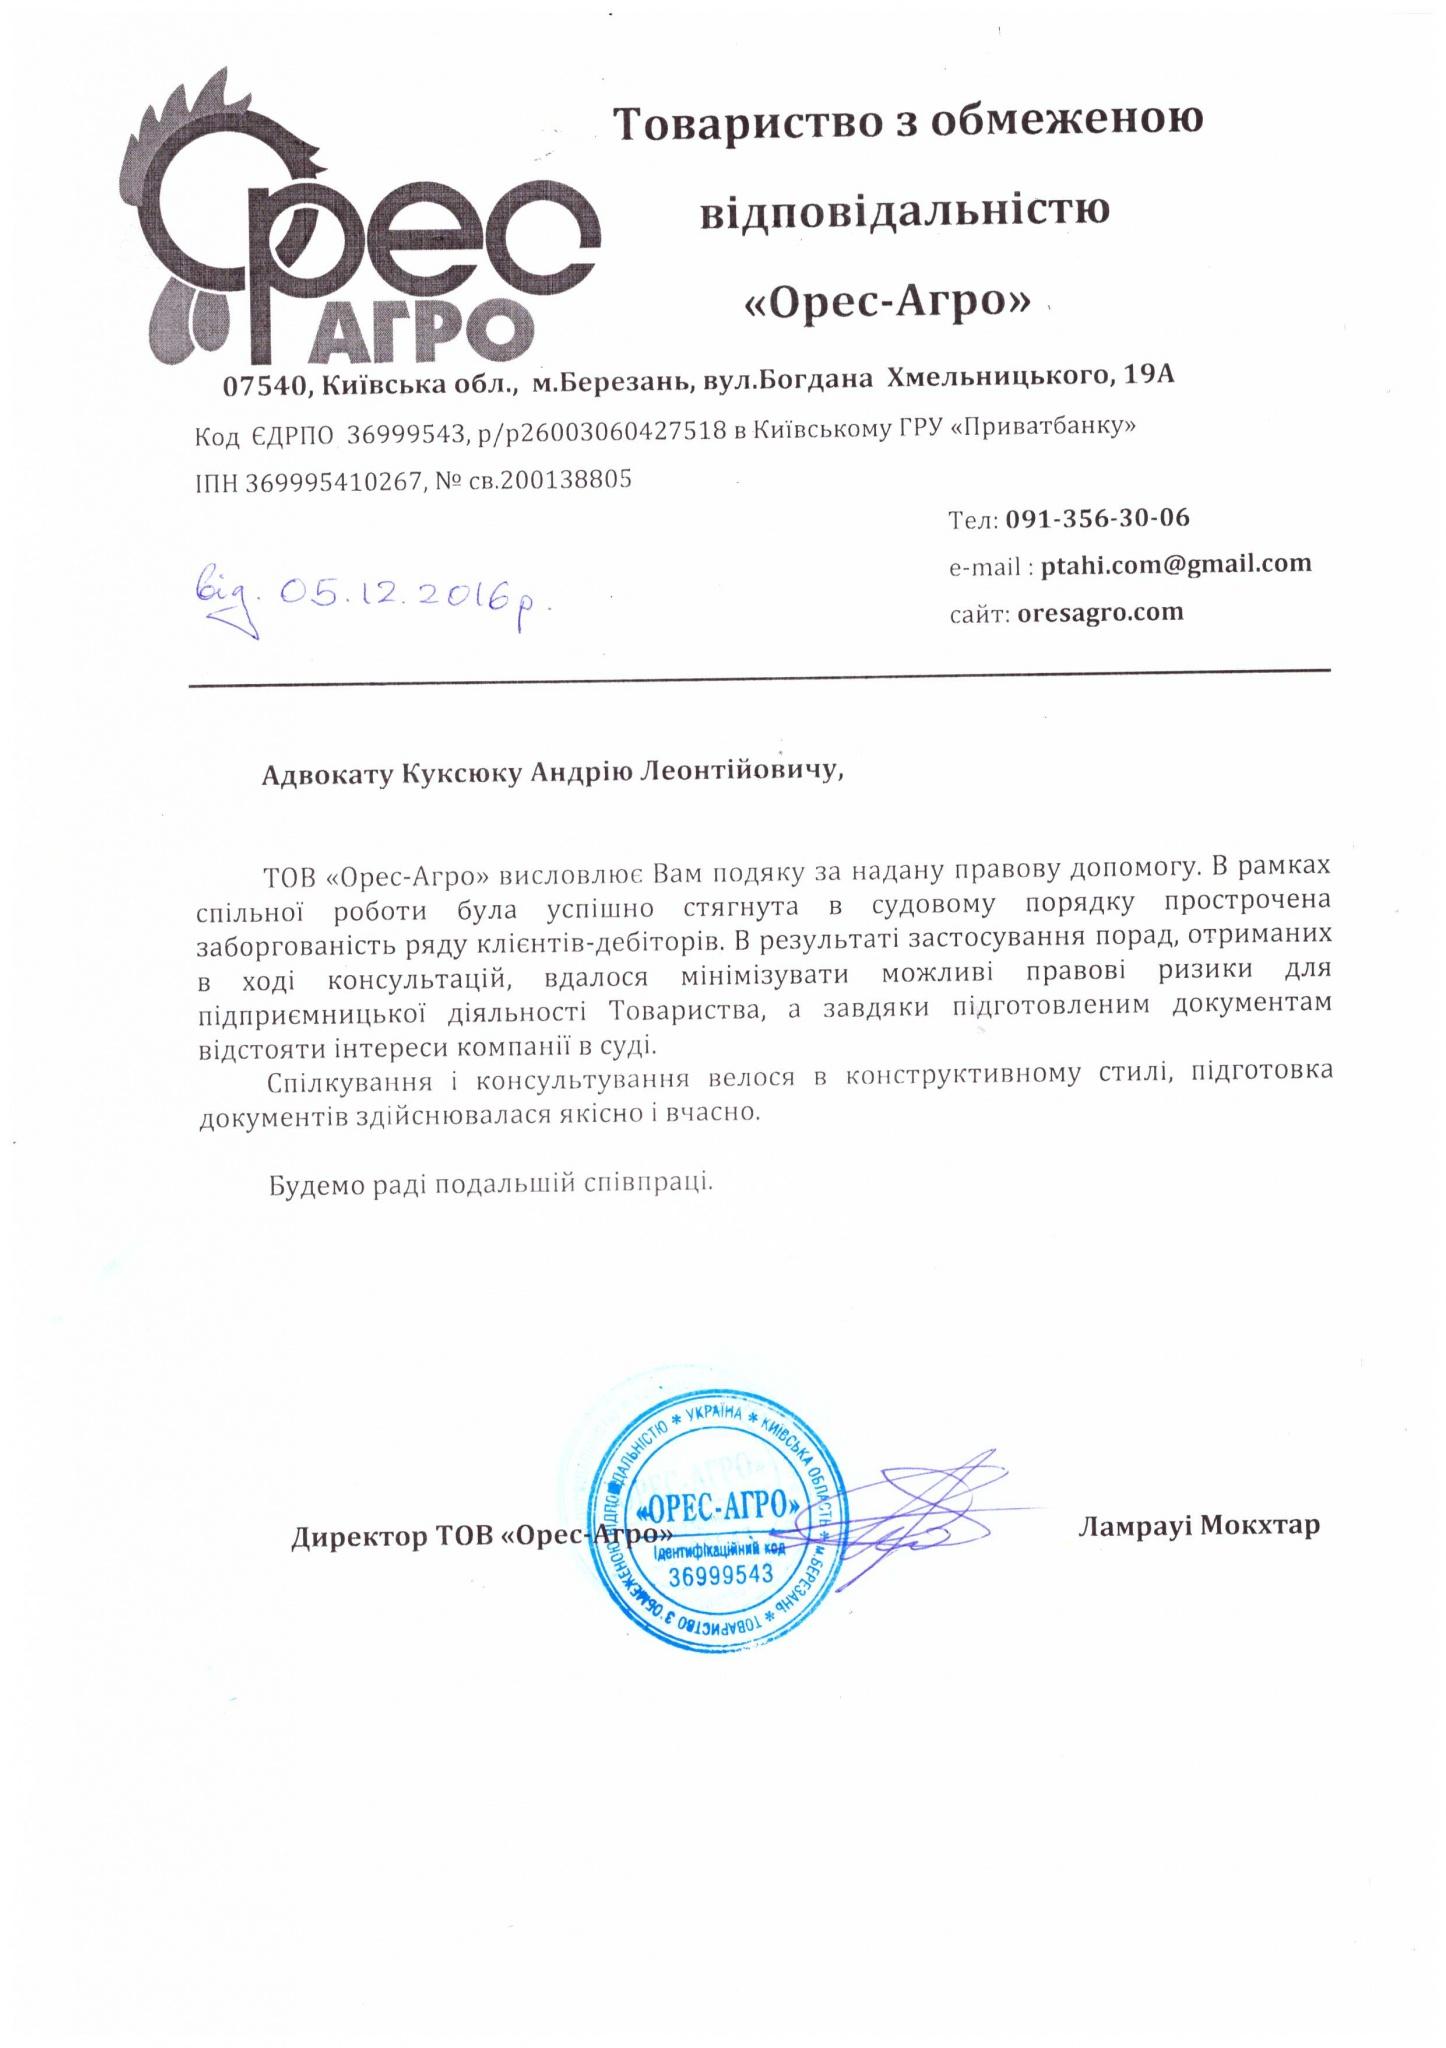 Рекомендаційний лист від Товариства з обмеженою відповідальністю «ОРЕС-АГРО»